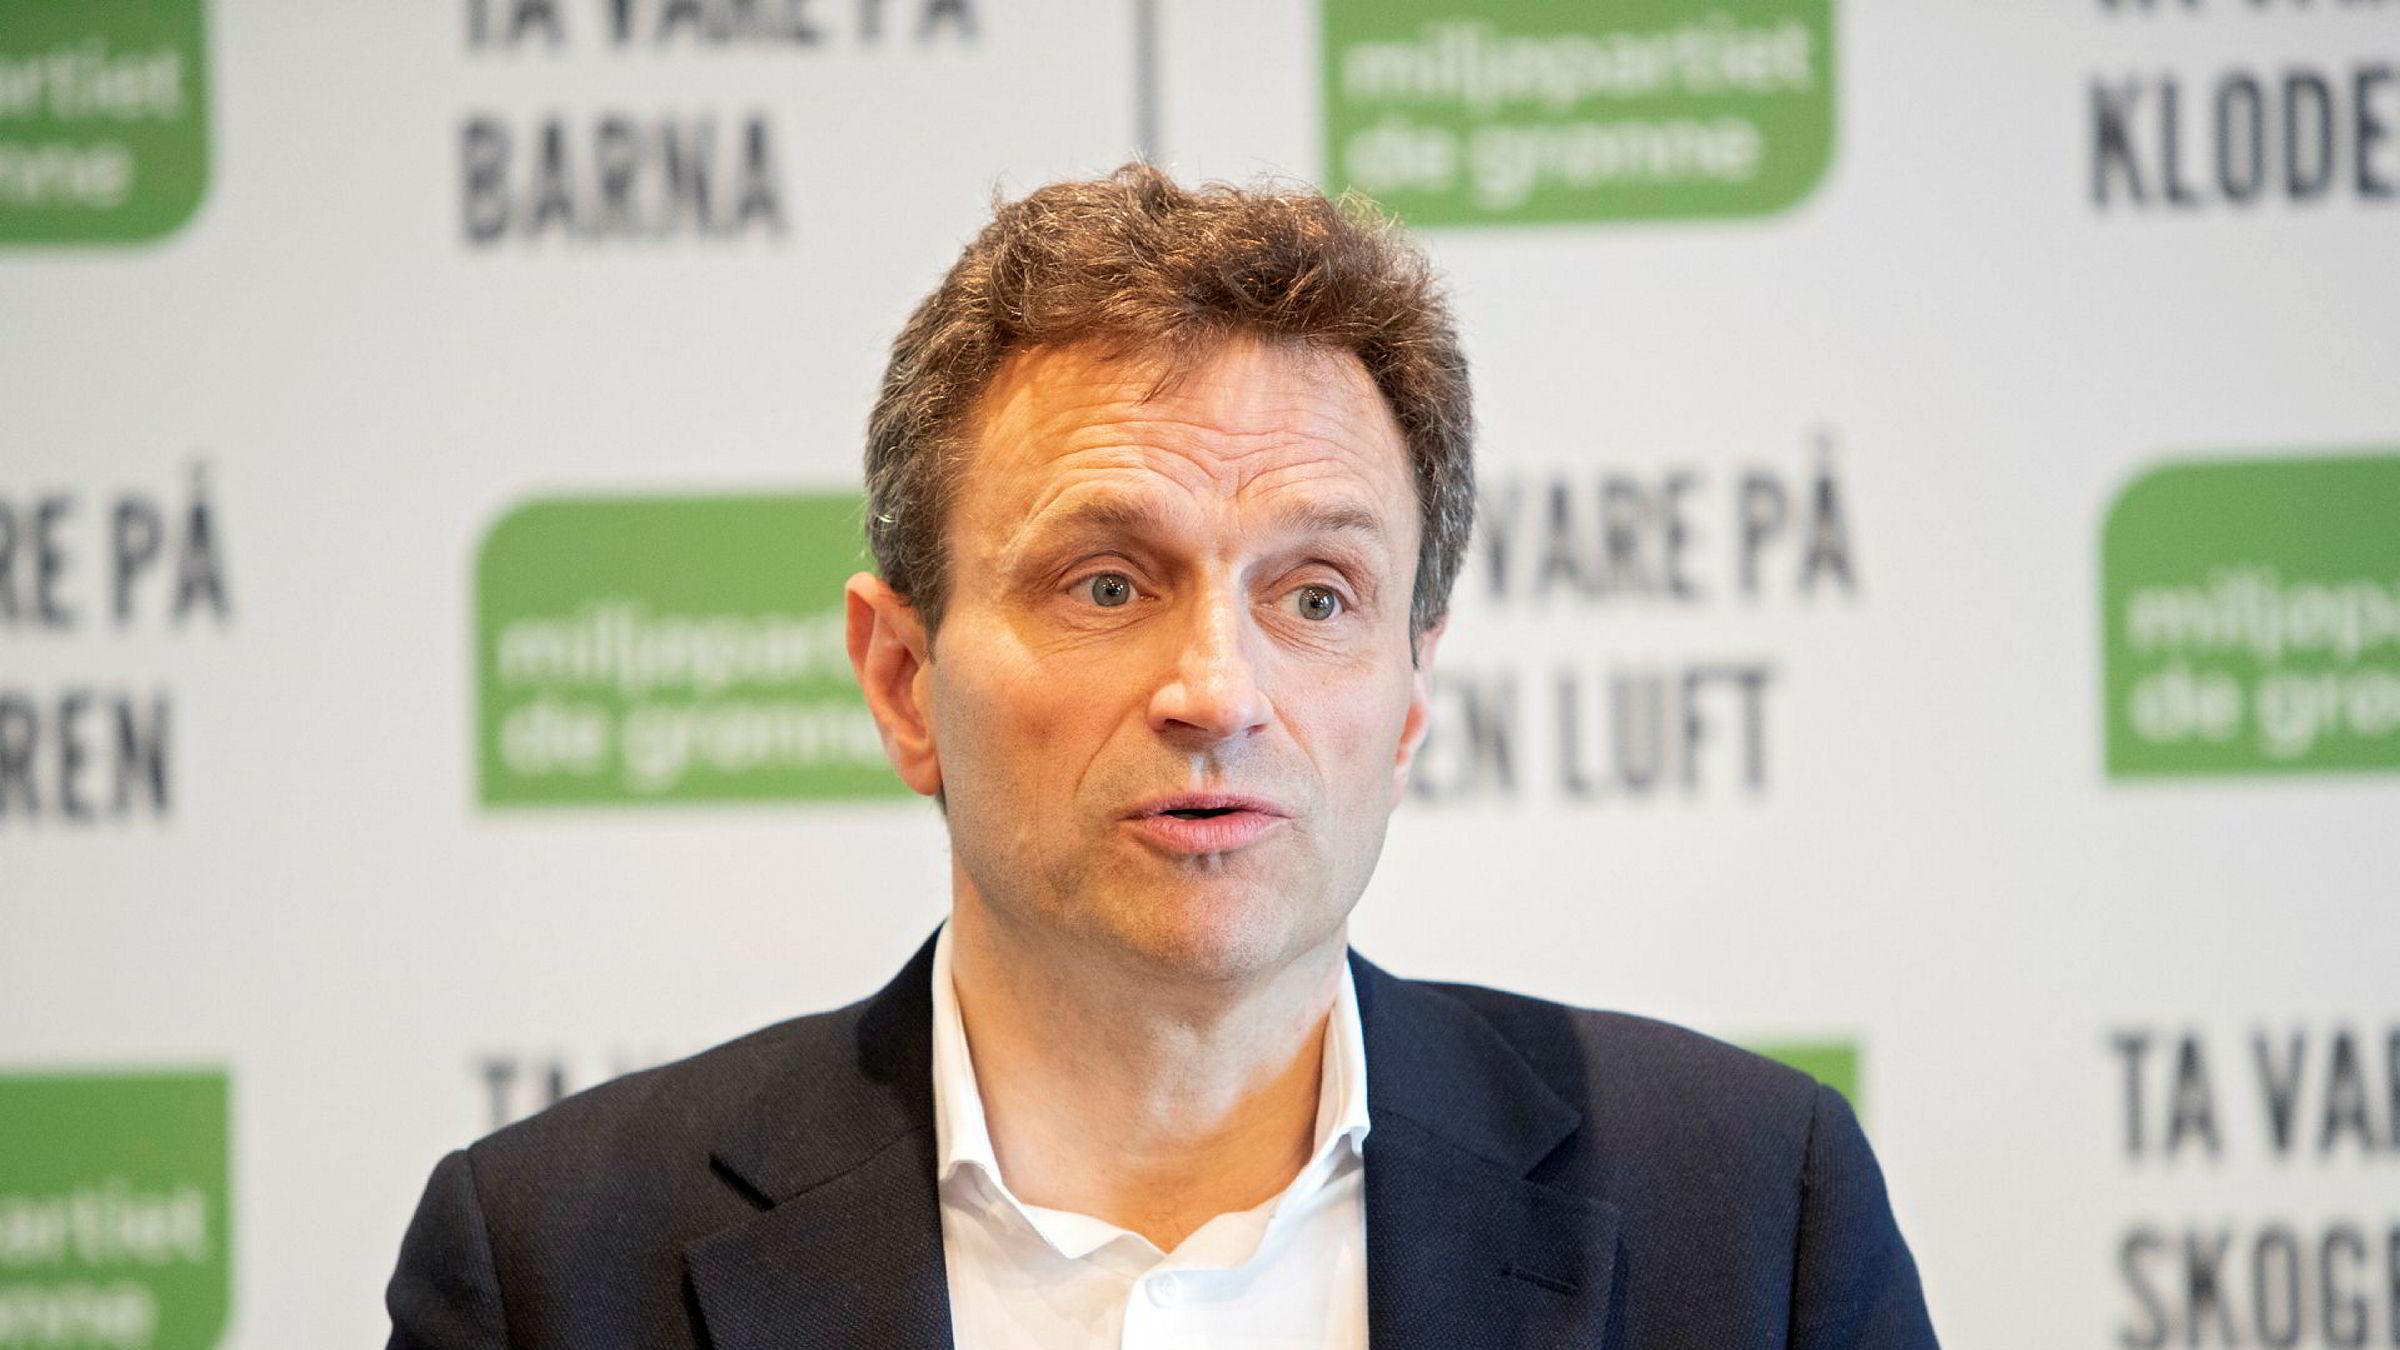 Nasjonale talsperson Arild Hermstad i MDG mener folk bør få reise hvor de vil når de mottar arbeidsavklaringspenger.